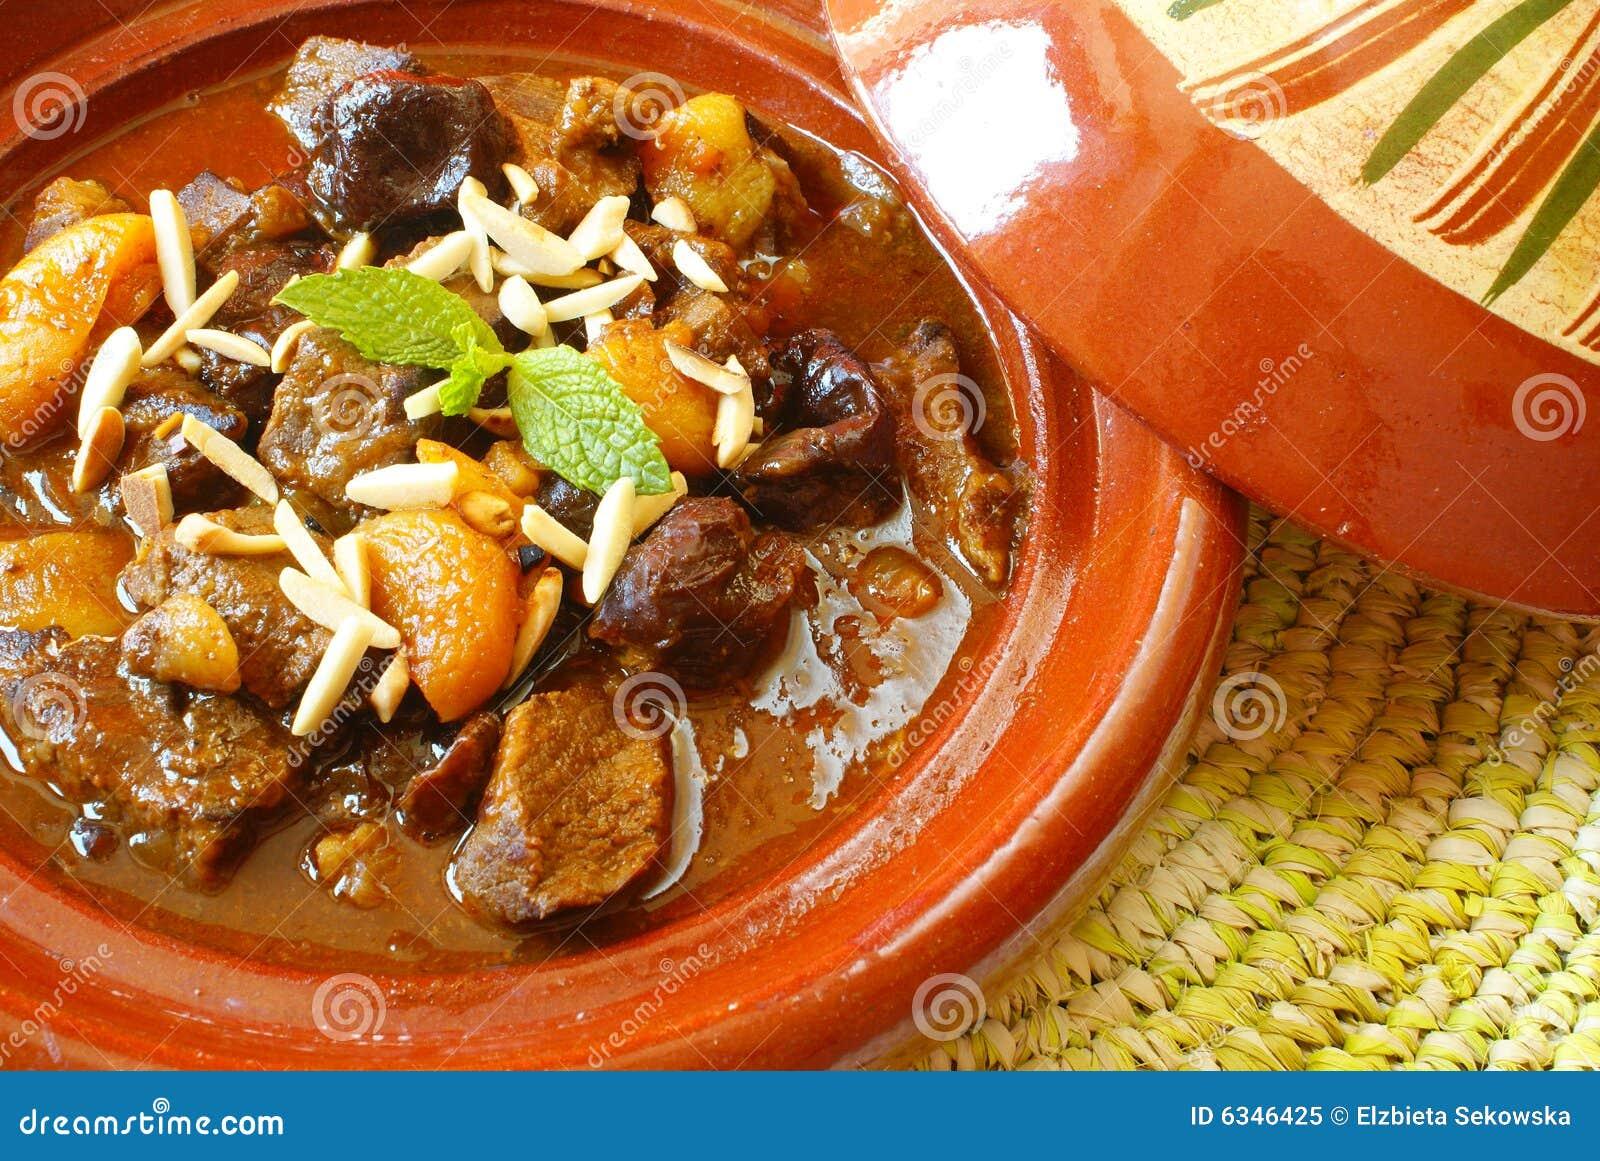 Het rundvleeshutspot van Morrocan met pruimen en droge abrikozen